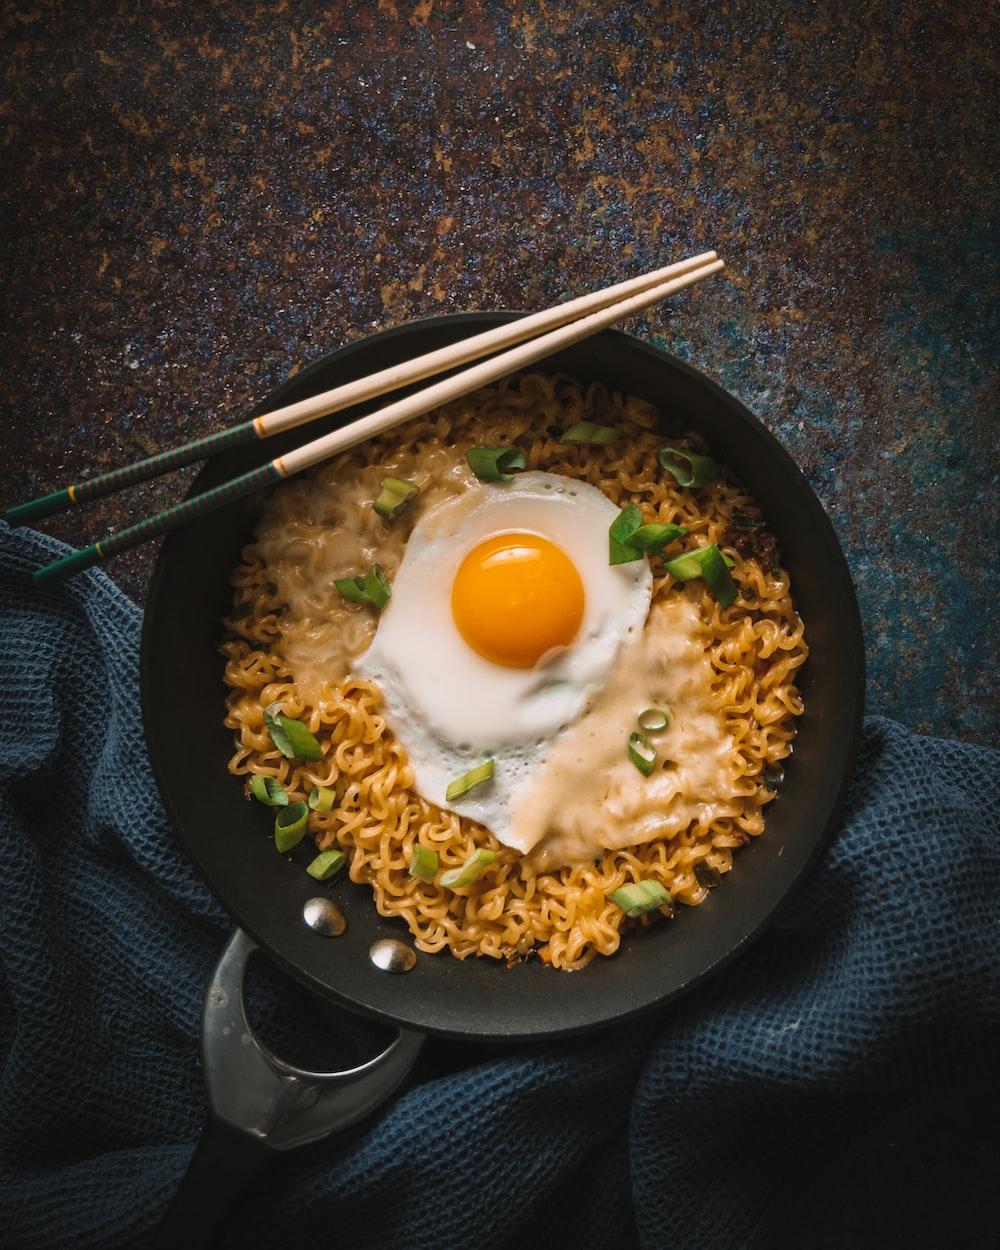 بيض, بروتين, كبار السن, غذاء كبار السن, أنواع الغذاء المناسب لكبار السن